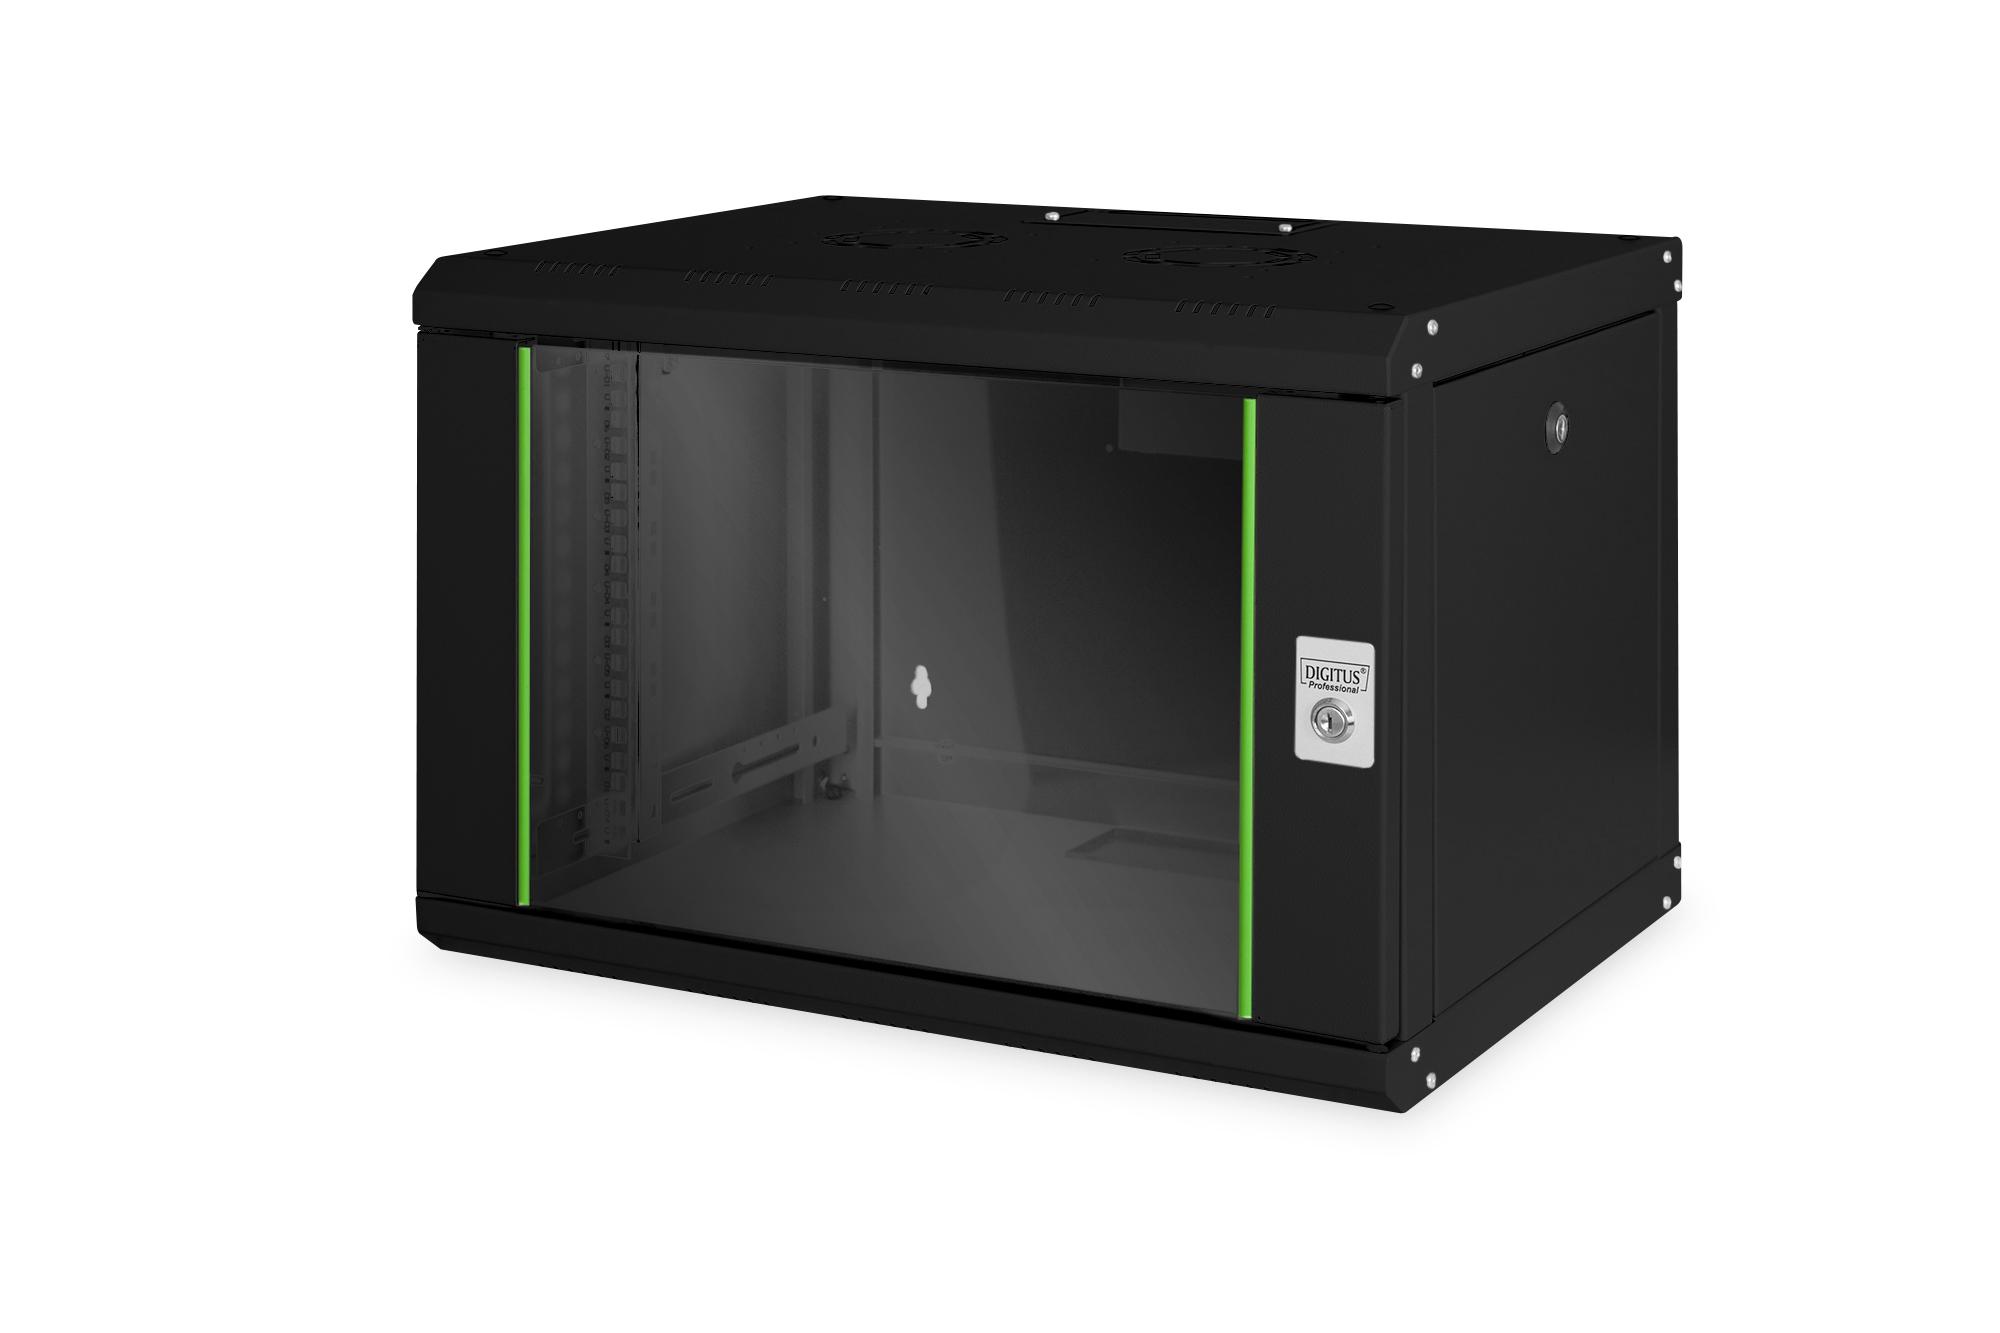 Digitus Wandschrank Modell : Electronicshop24 notebooks computer tvs und vieles mehr zu top